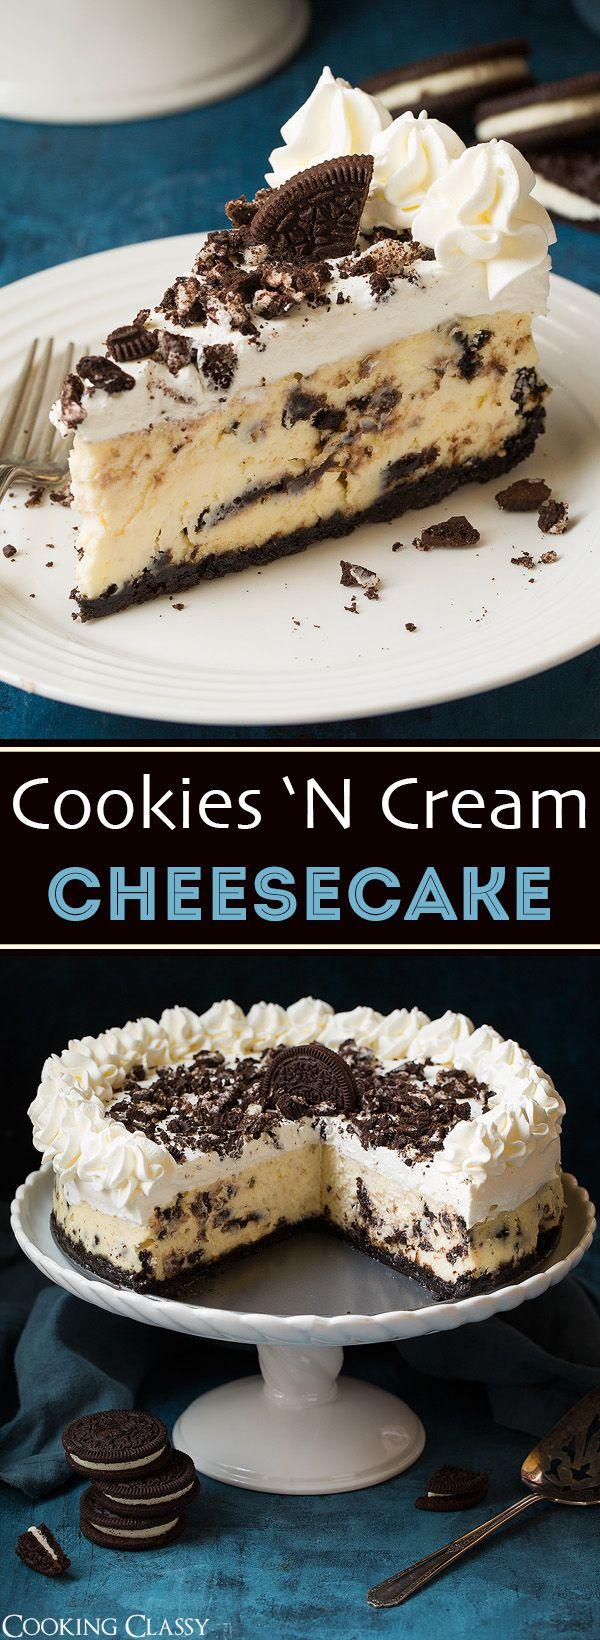 Cookies and Cream Cheesecake krossa kakor och använd sprutgrädde till kanterna